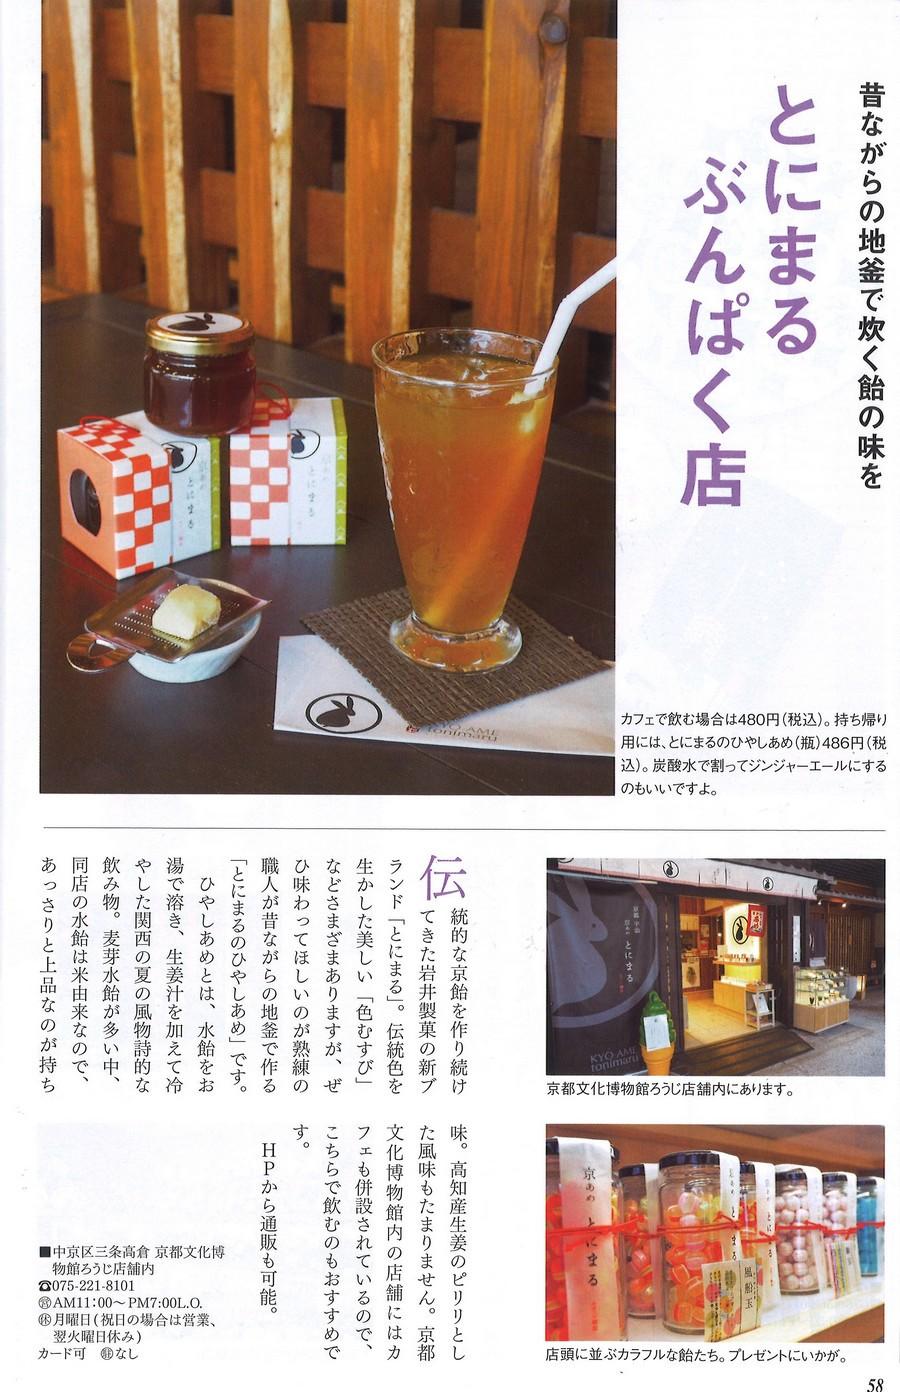 月刊京都にて「とにまるのひやしあめ」が紹介